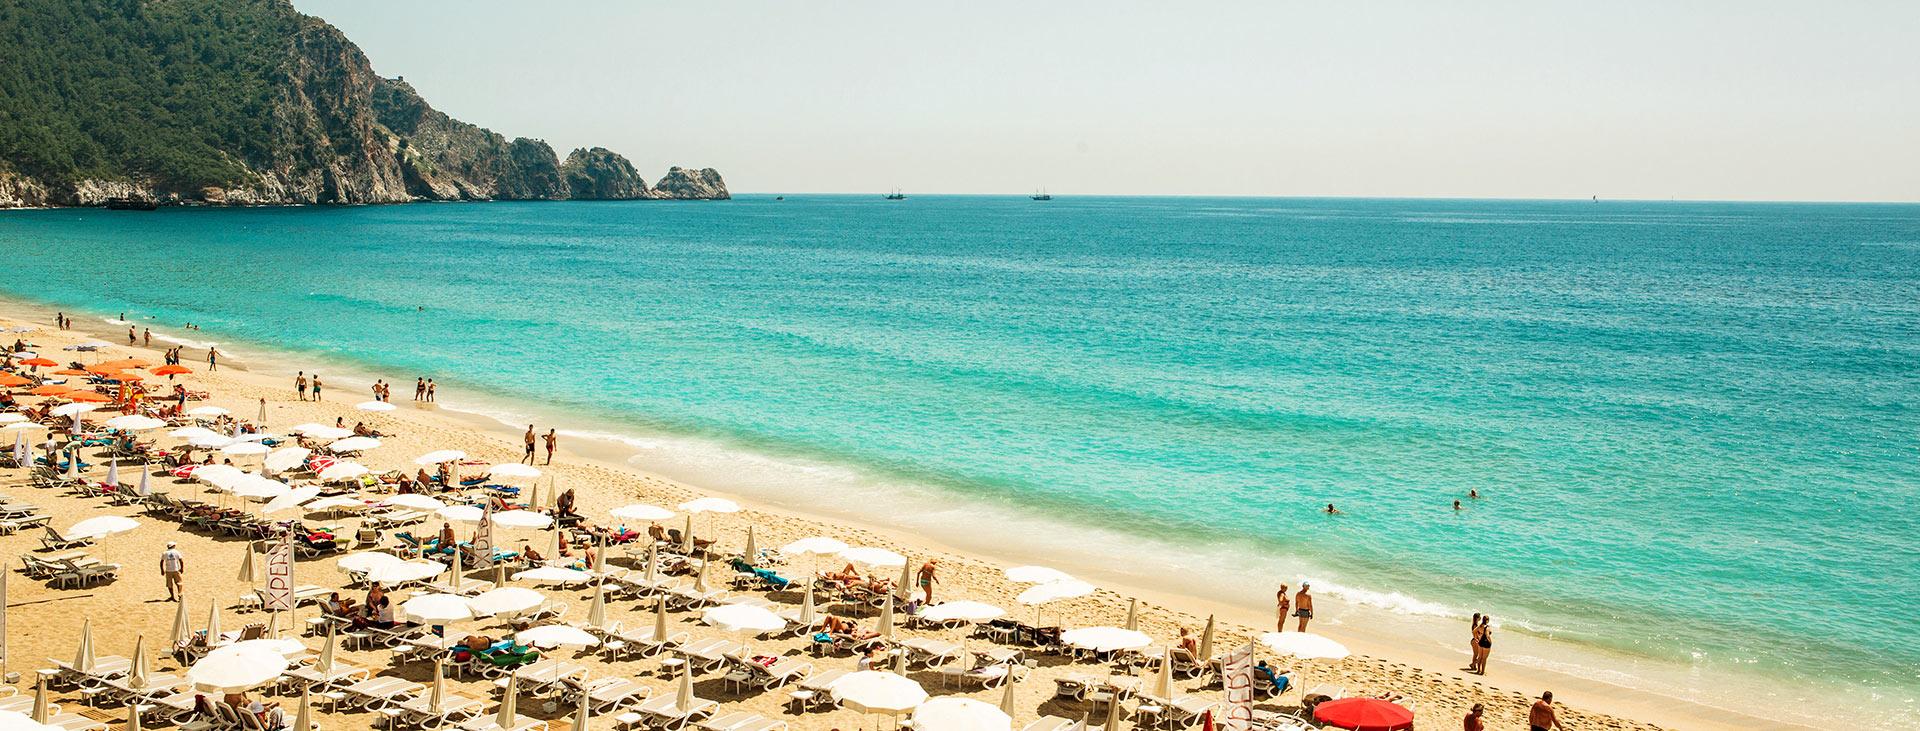 Sunprime Alanya Beach, Alanya, Antalya-området, Tyrkia